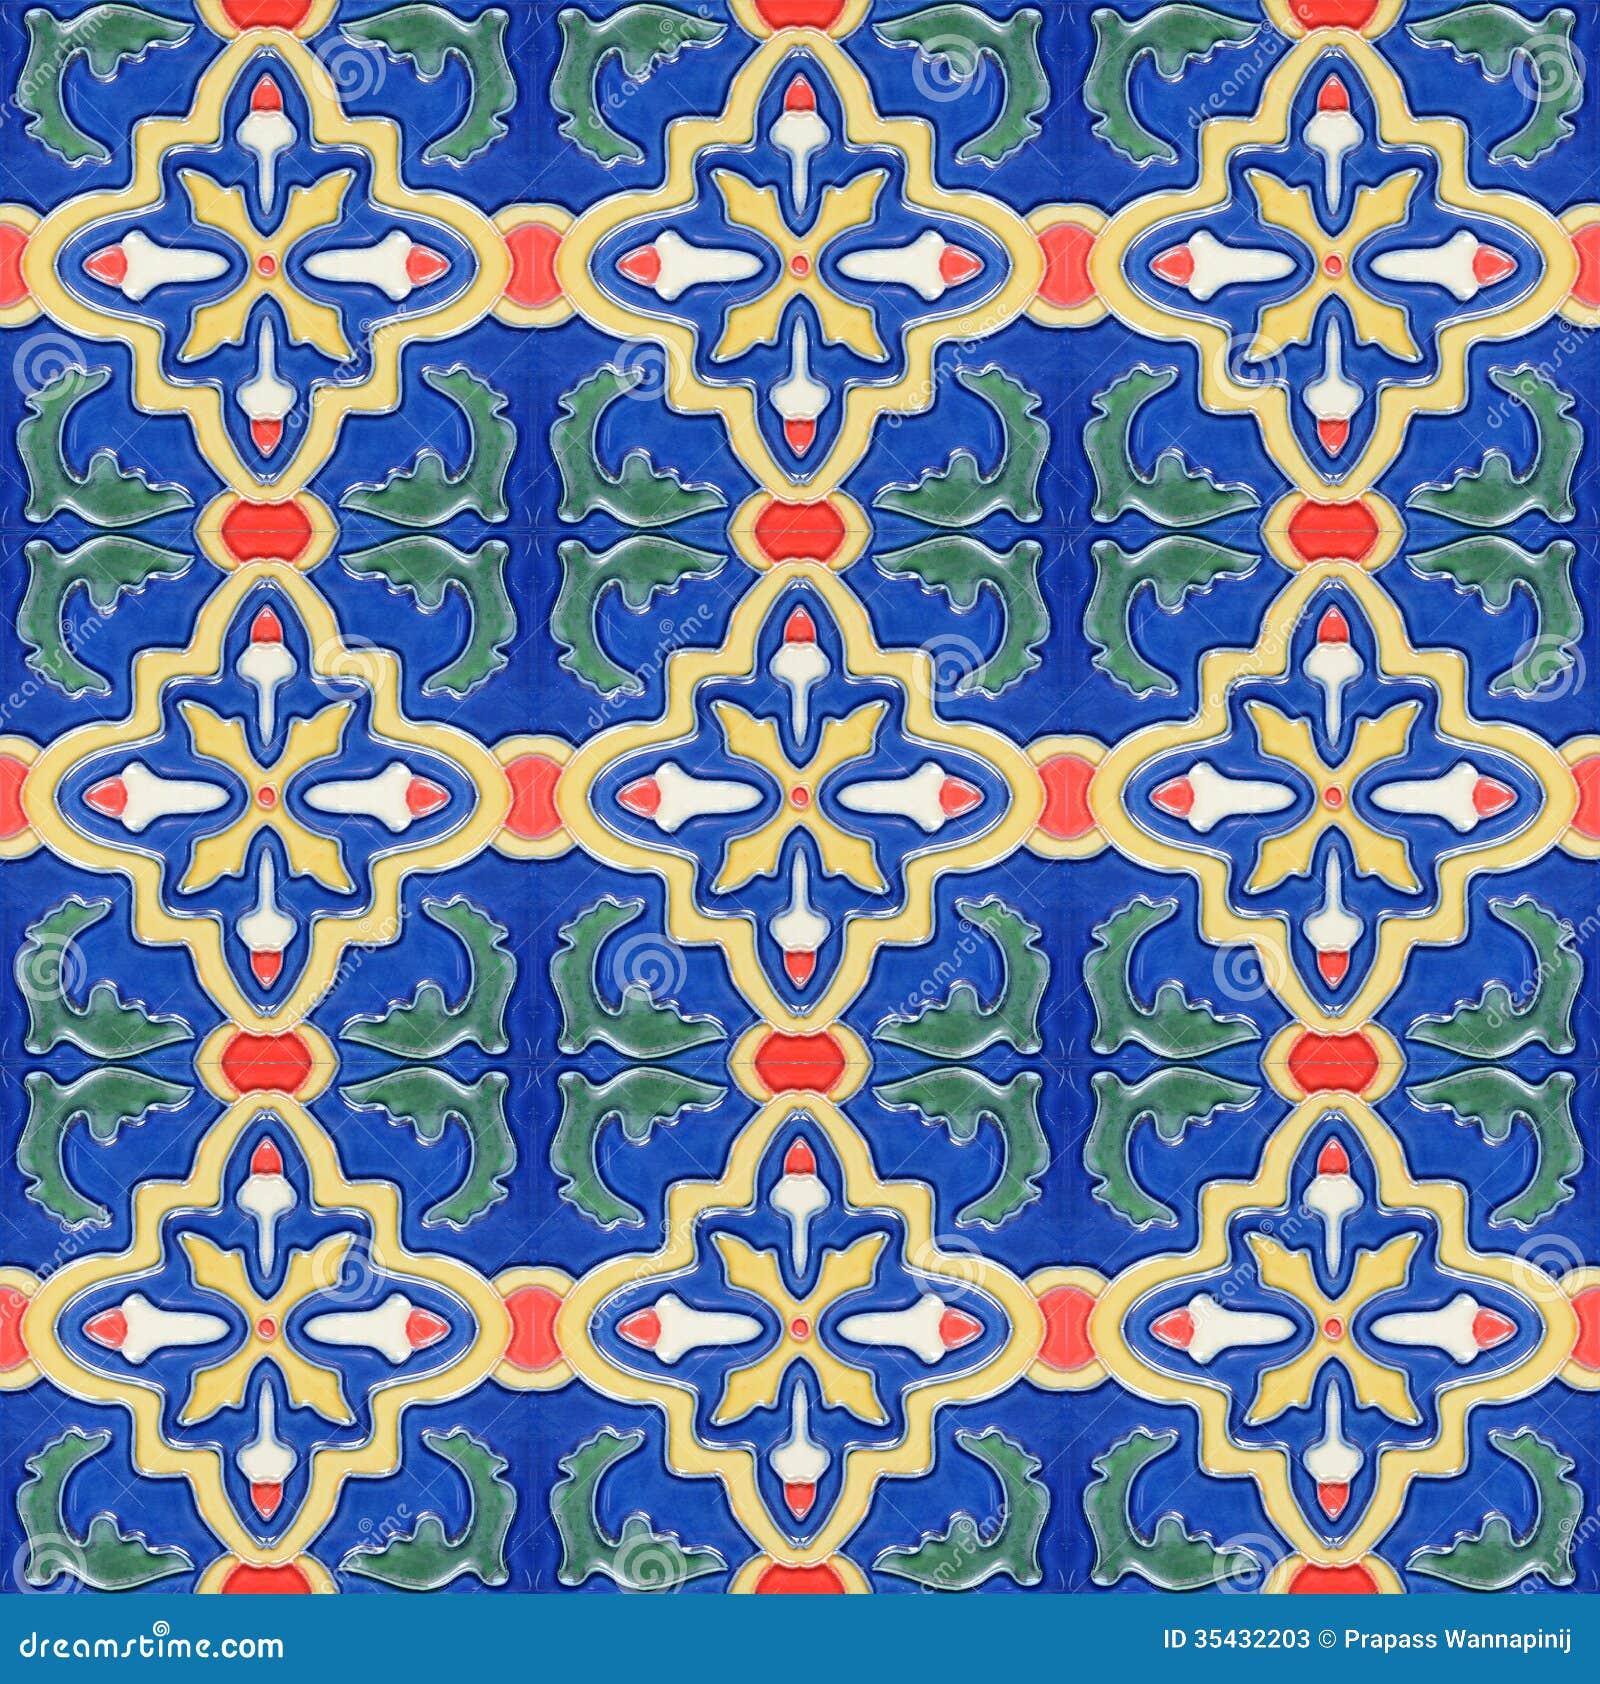 Ceramic Tile Mosaic Patterns - Rebellions